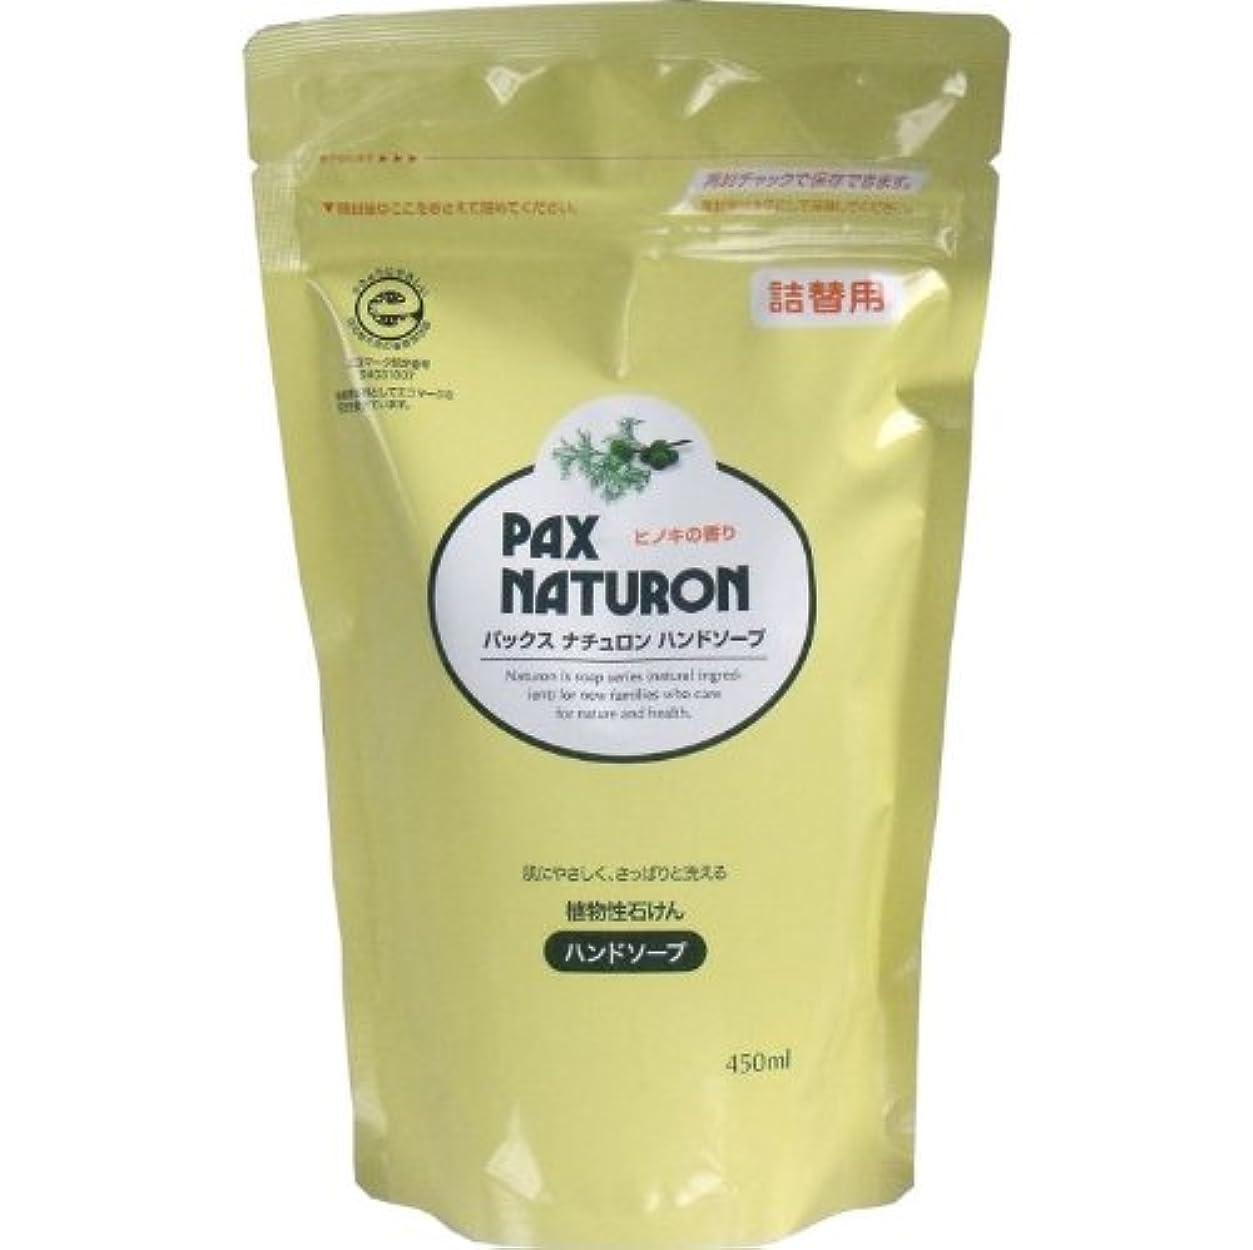 開梱ダルセット予知肌にやさしく、さっぱりと洗える植物性石けん!植物性ハンドソープ 詰替用 450mL【4個セット】